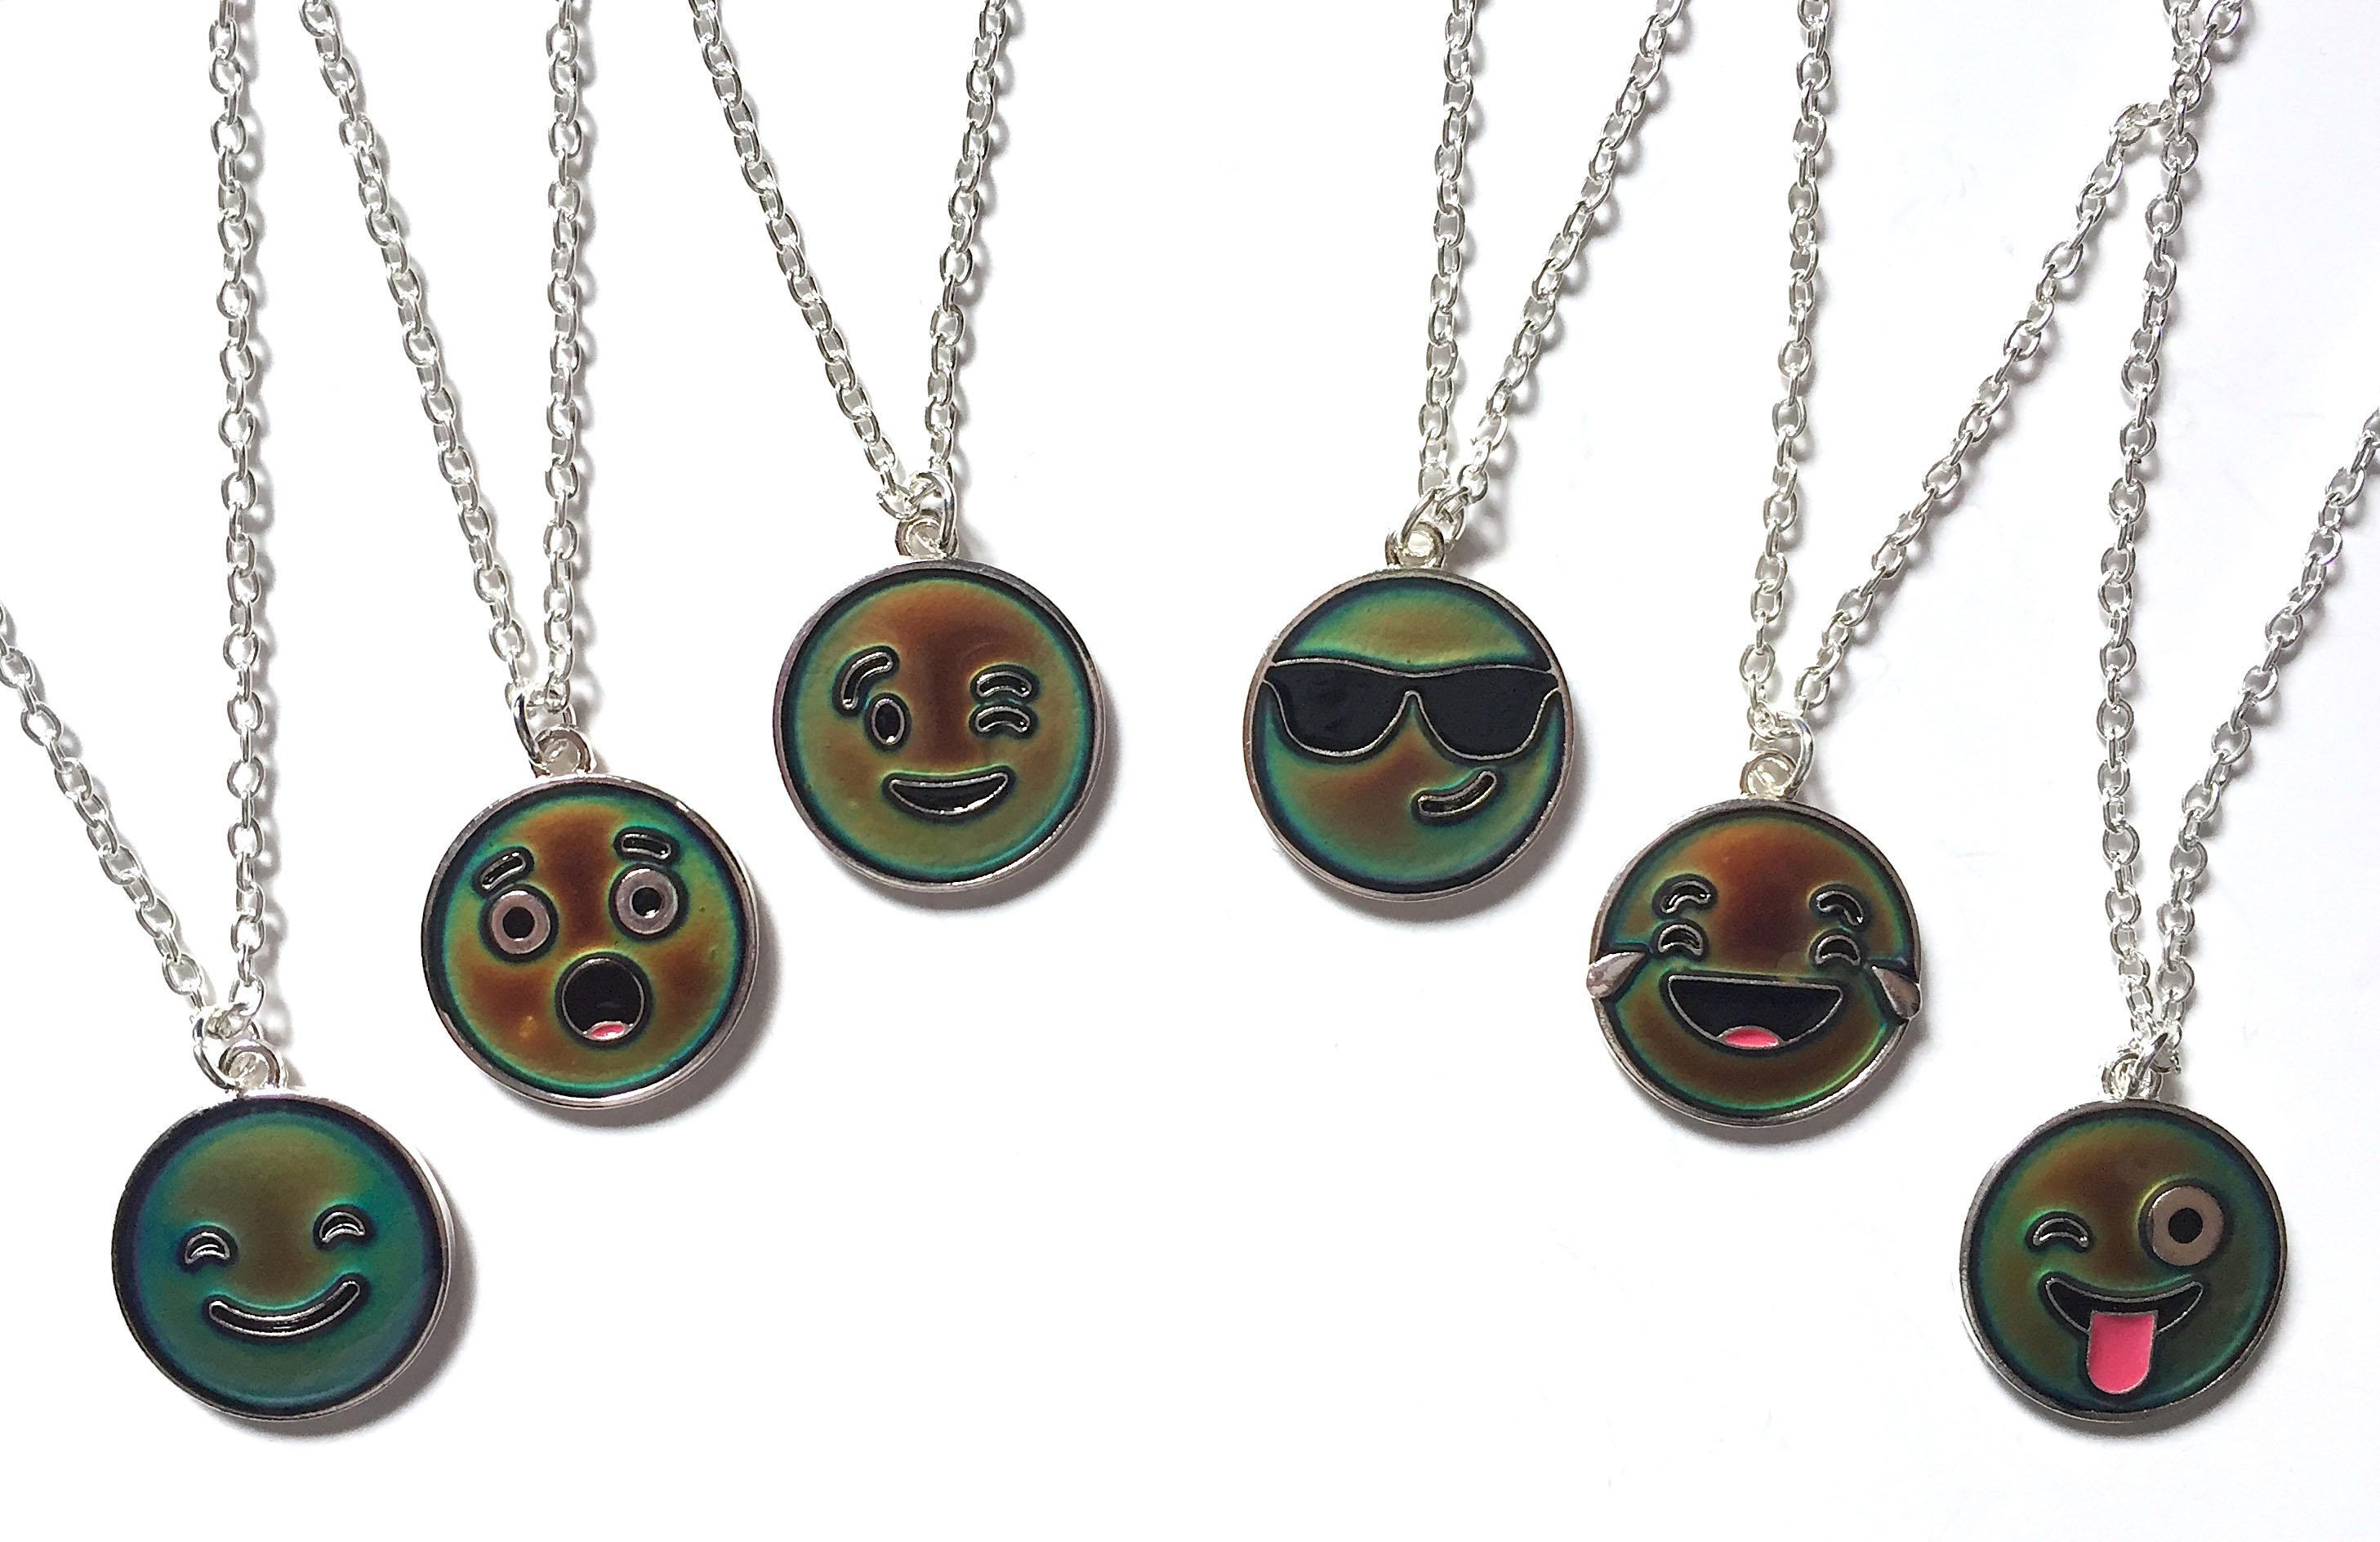 Mood Emoji Necklaces